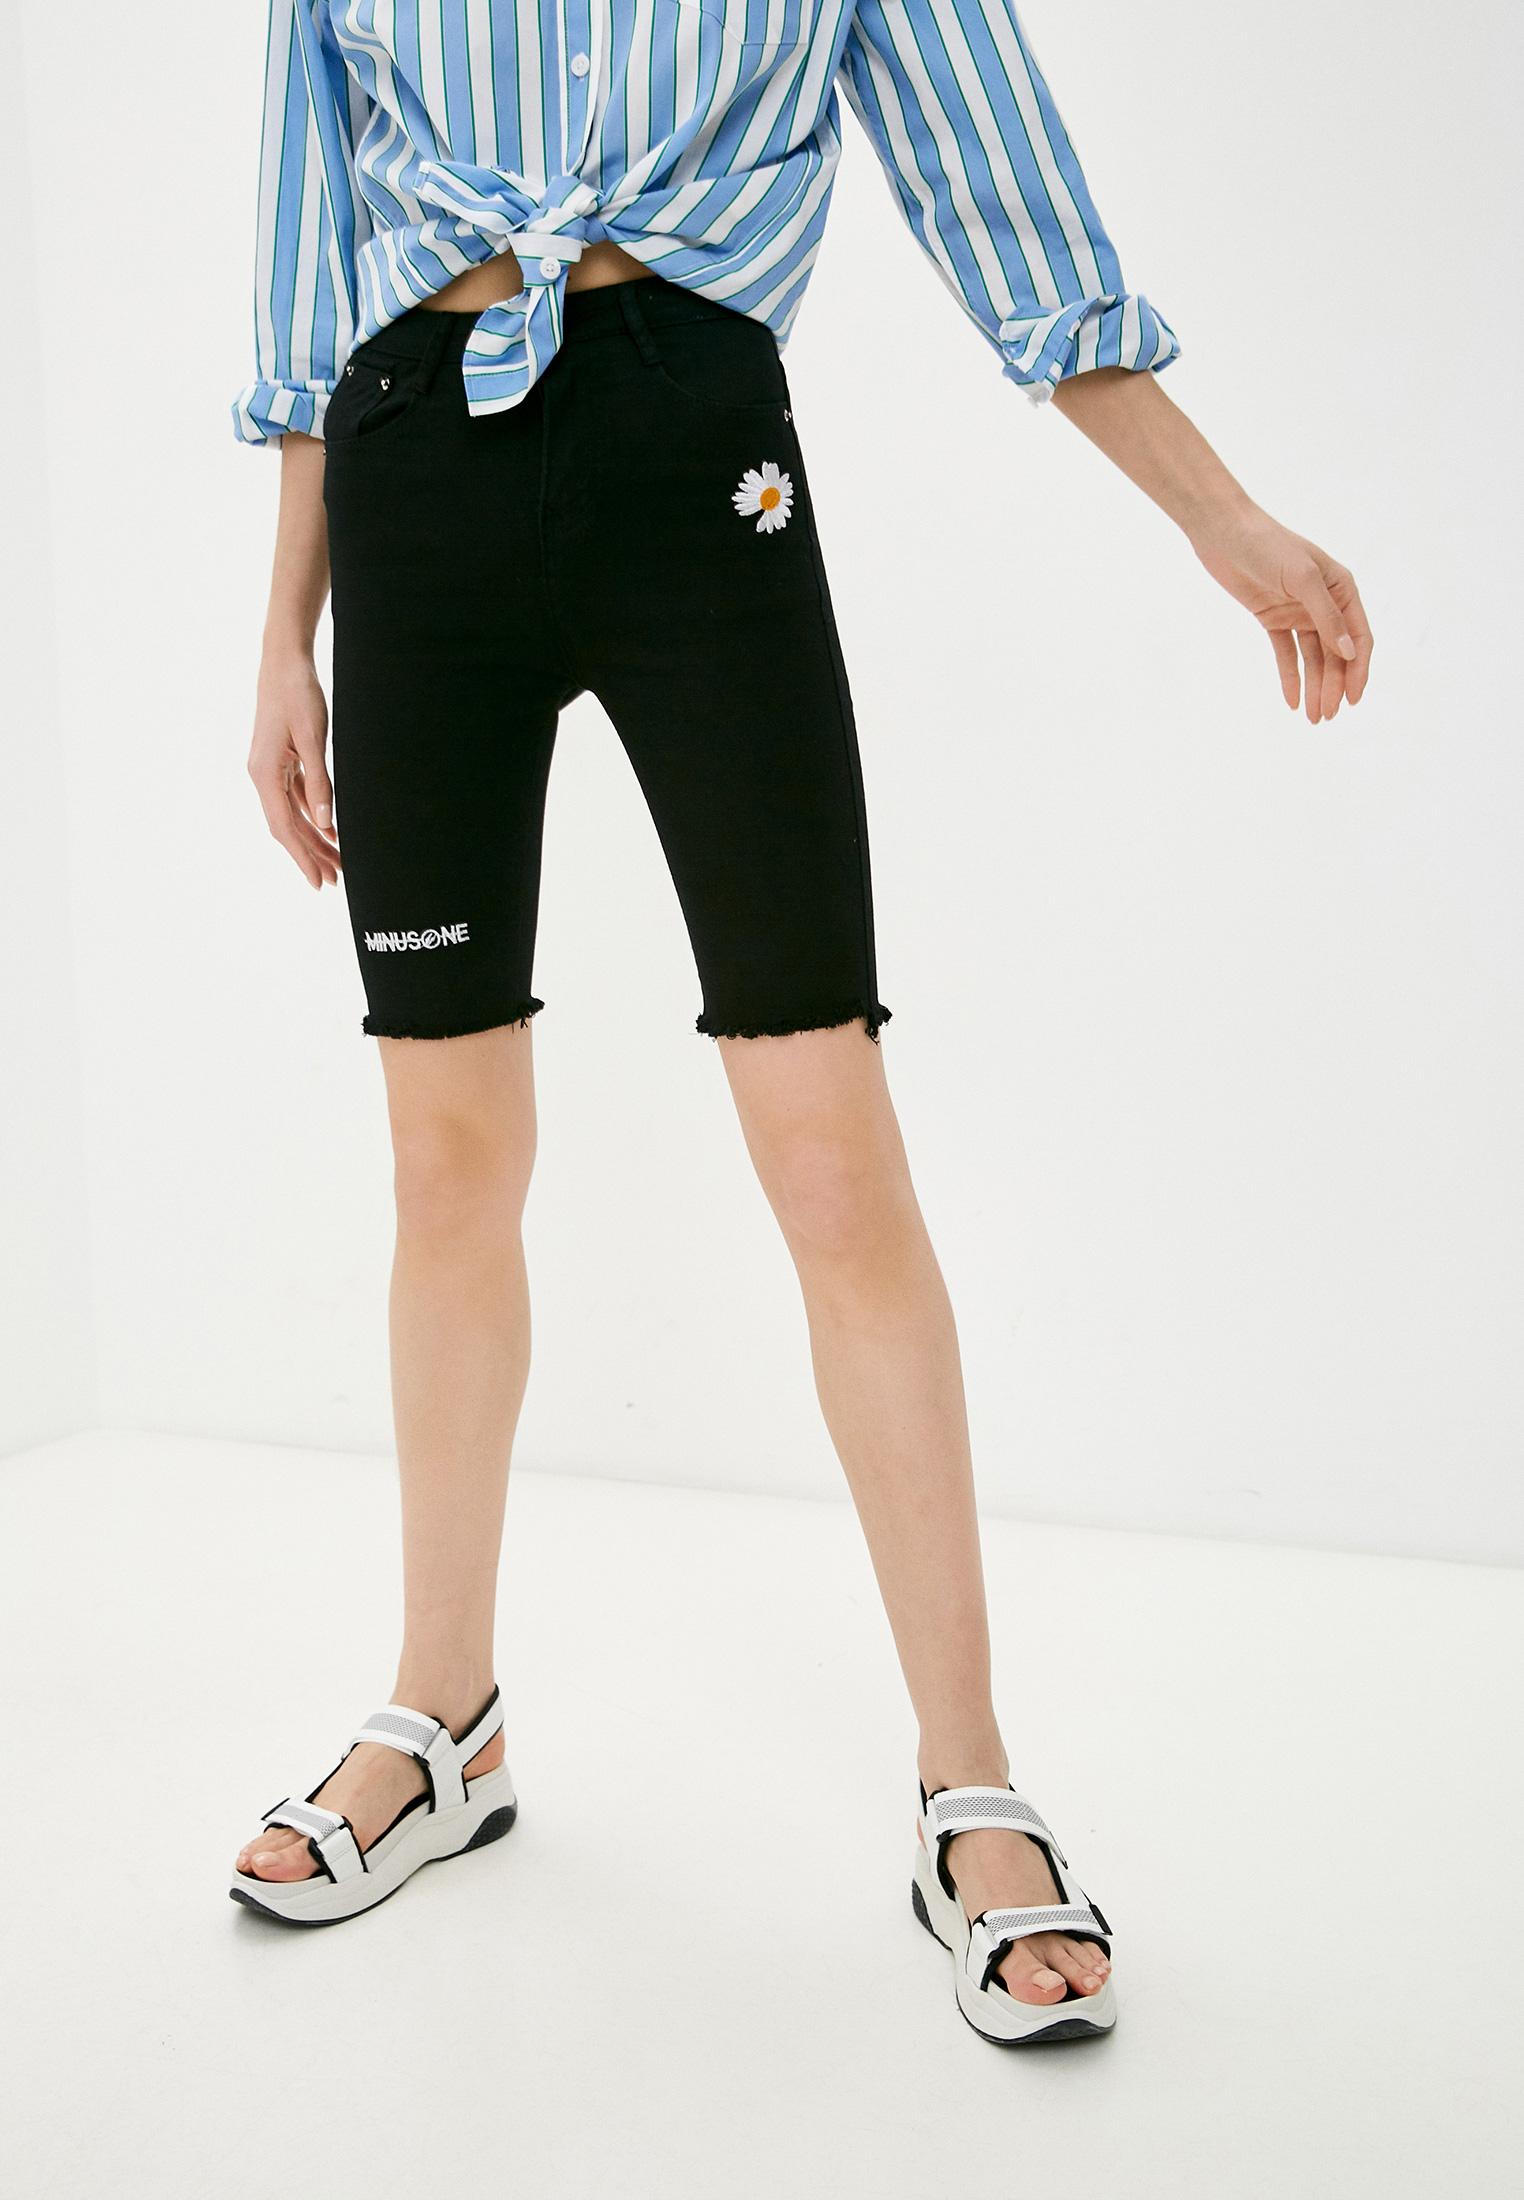 Женские джинсовые шорты Diverius 1136